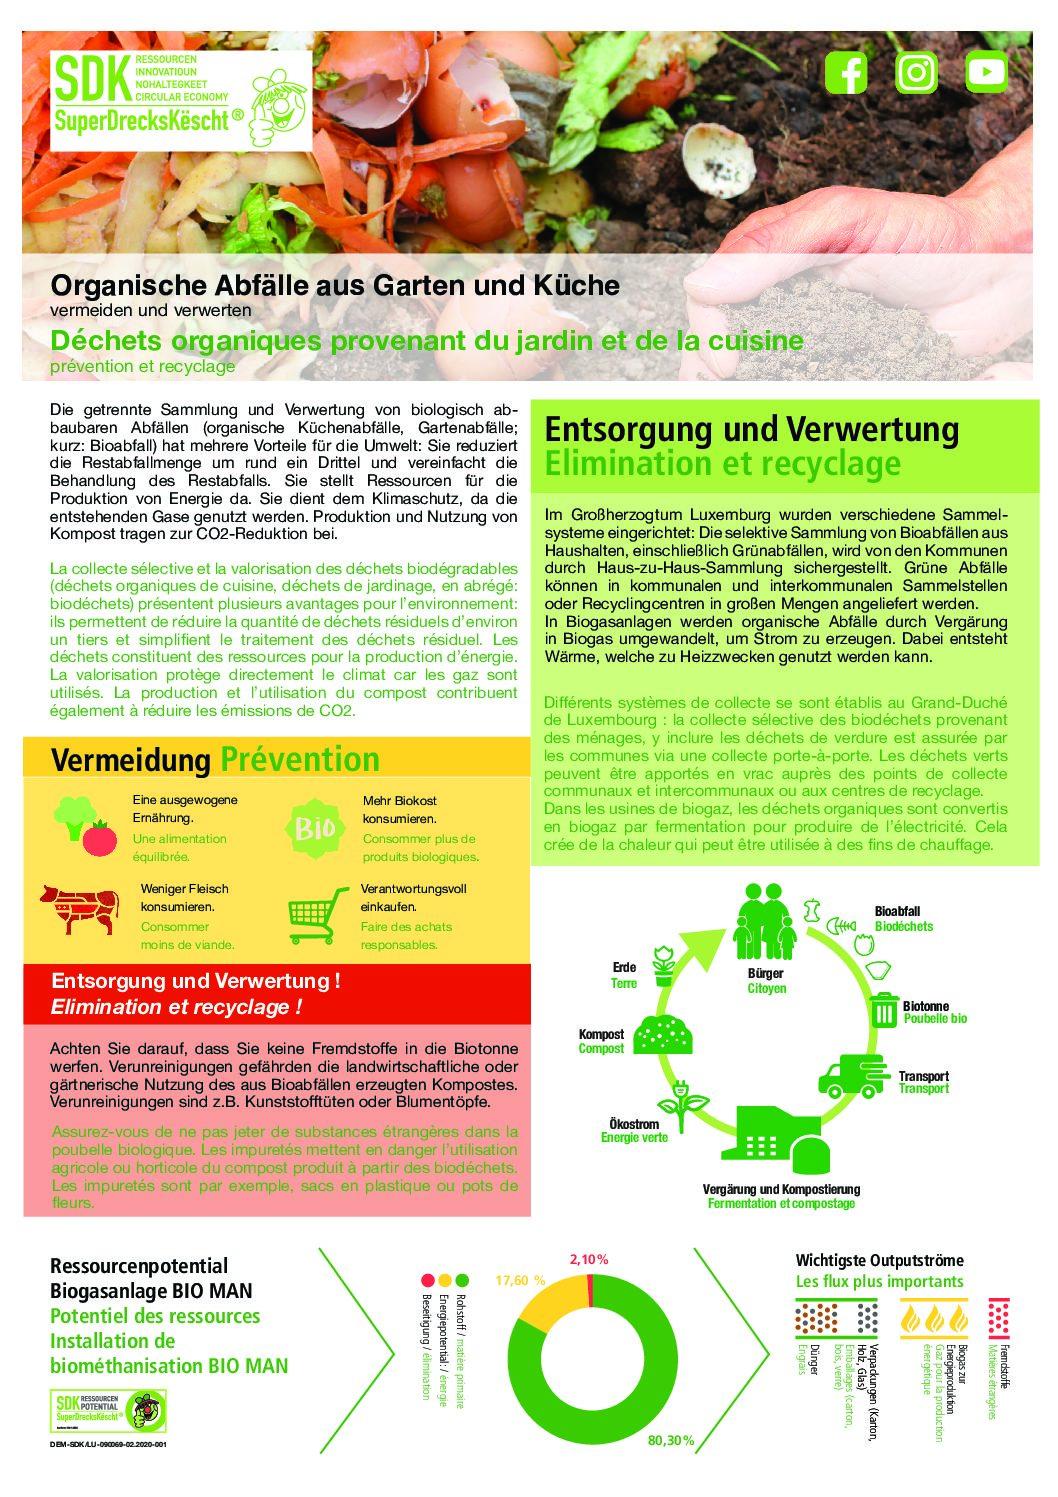 SDK organische Abfälle aus Garten und Küche / SDK déchets organiques provenant du jardin et de la cuisine